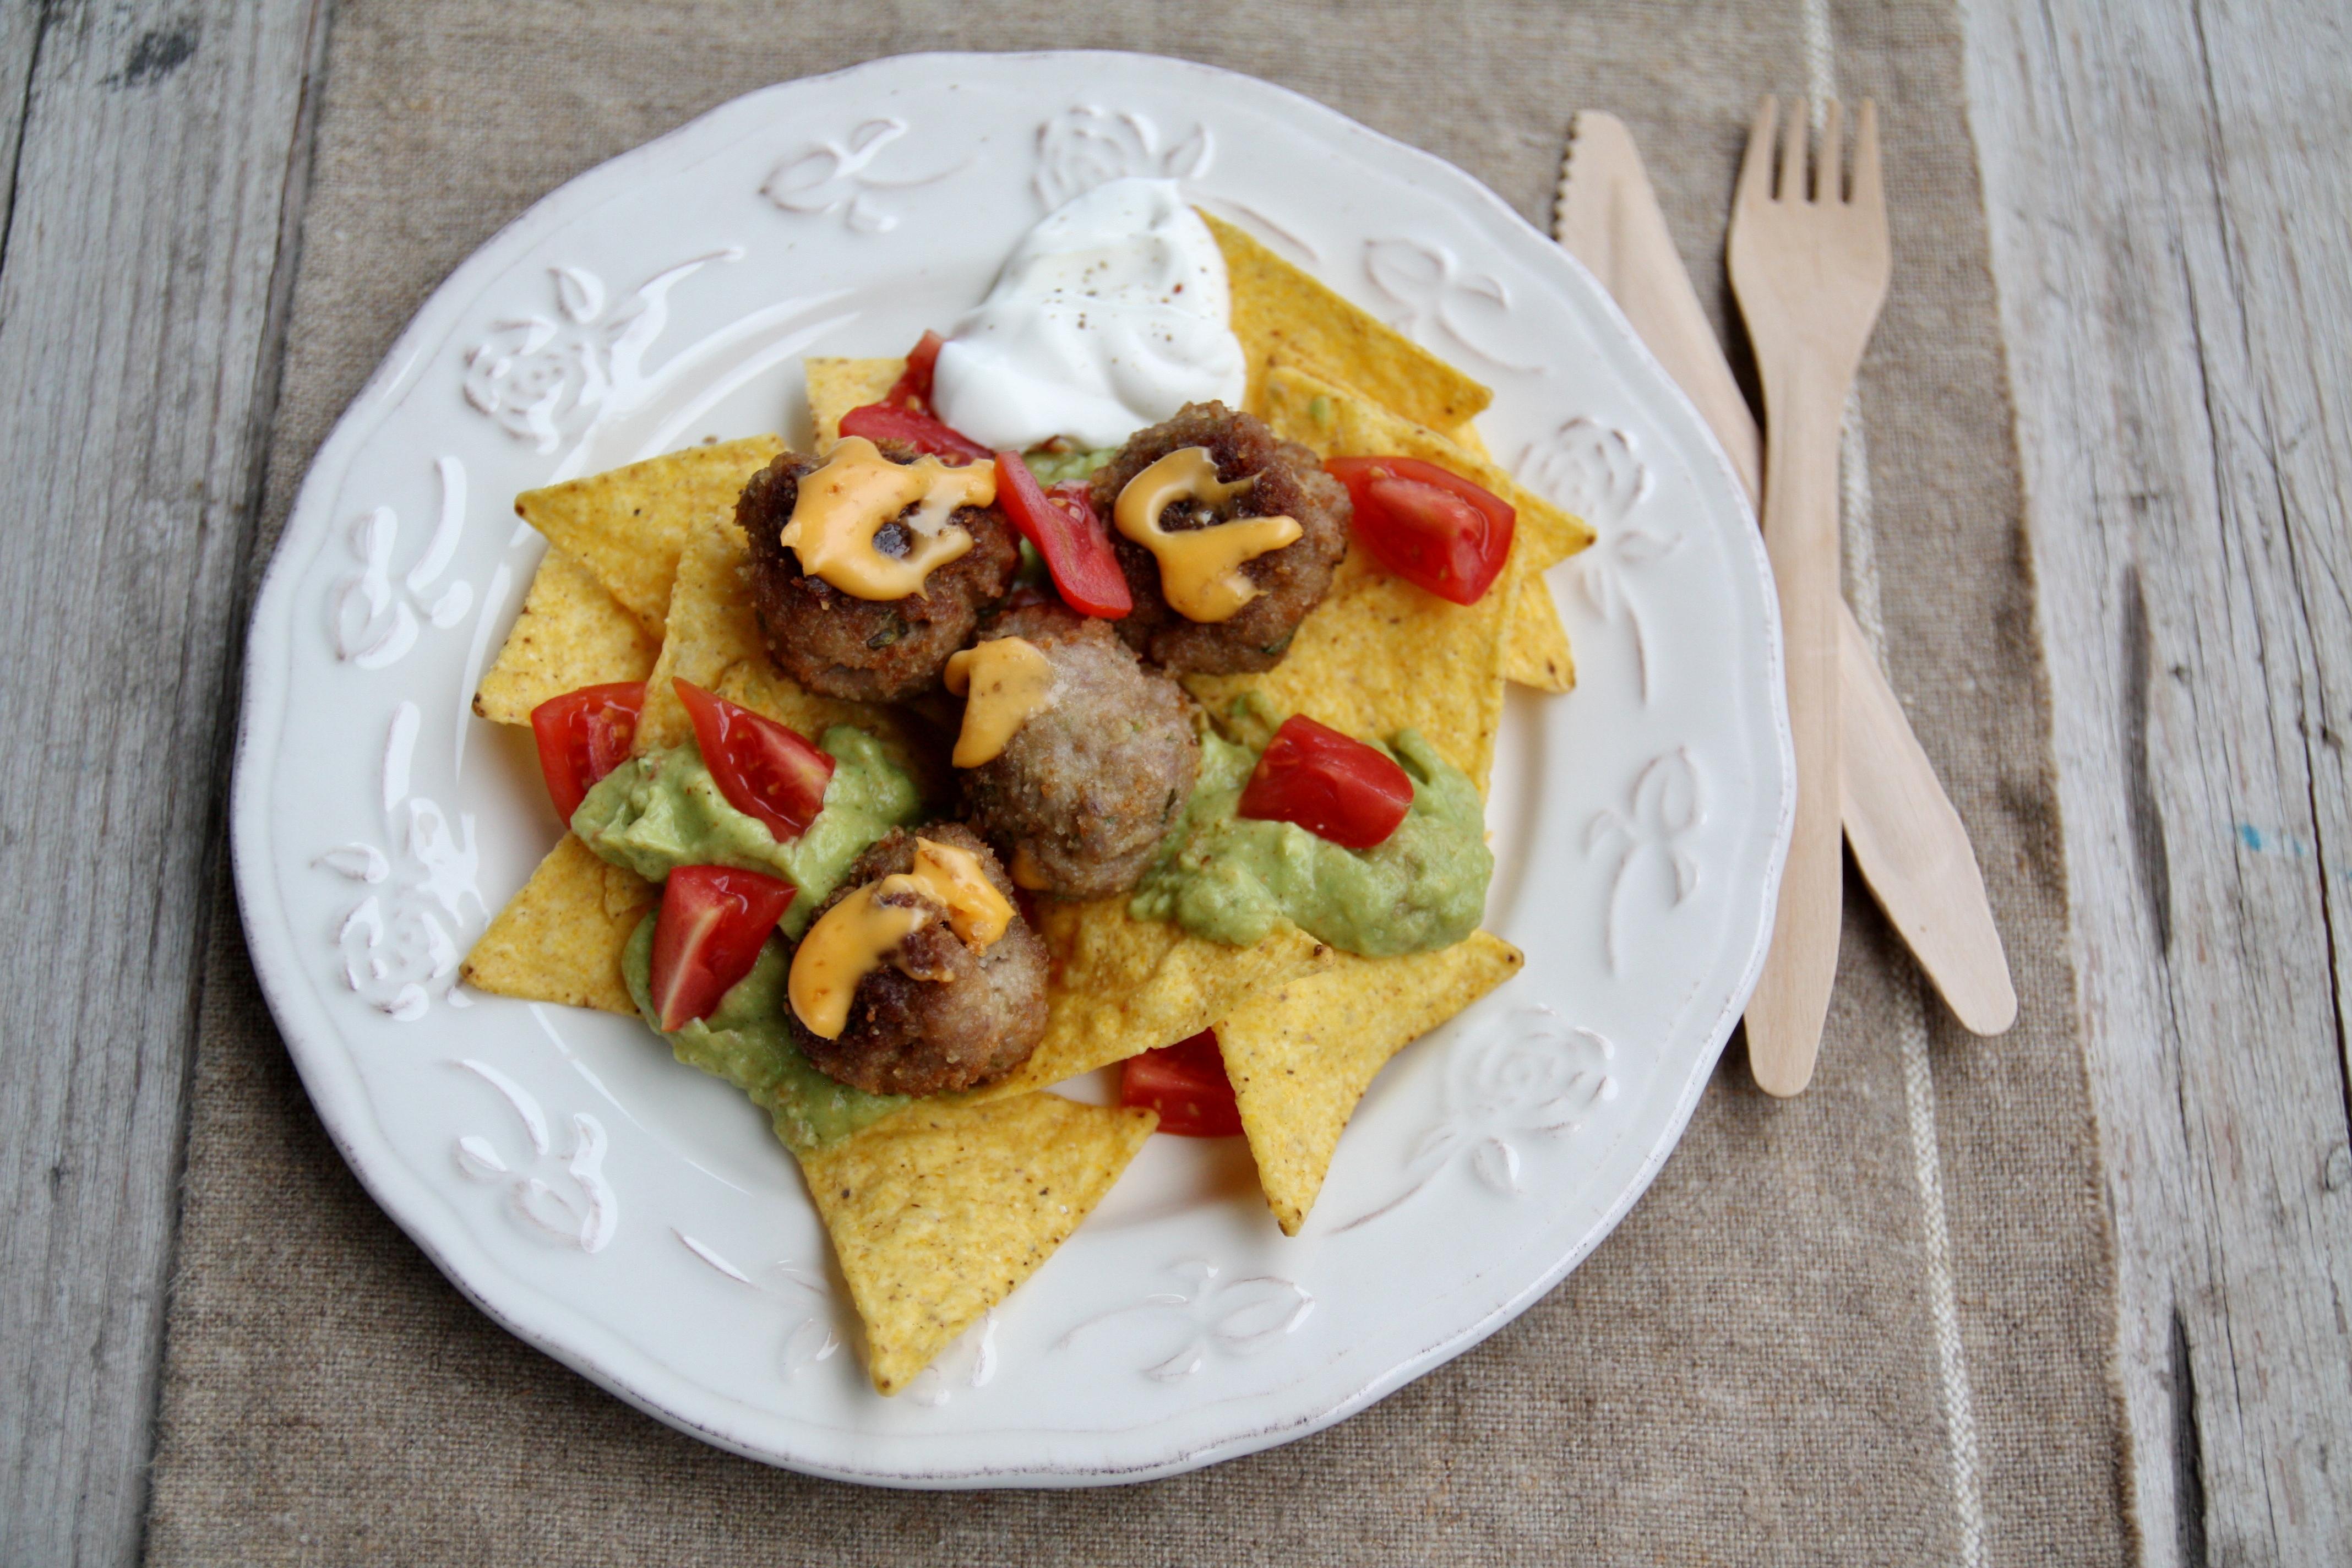 Polpette alle erbe aromatiche con guacamole e tortillas chips